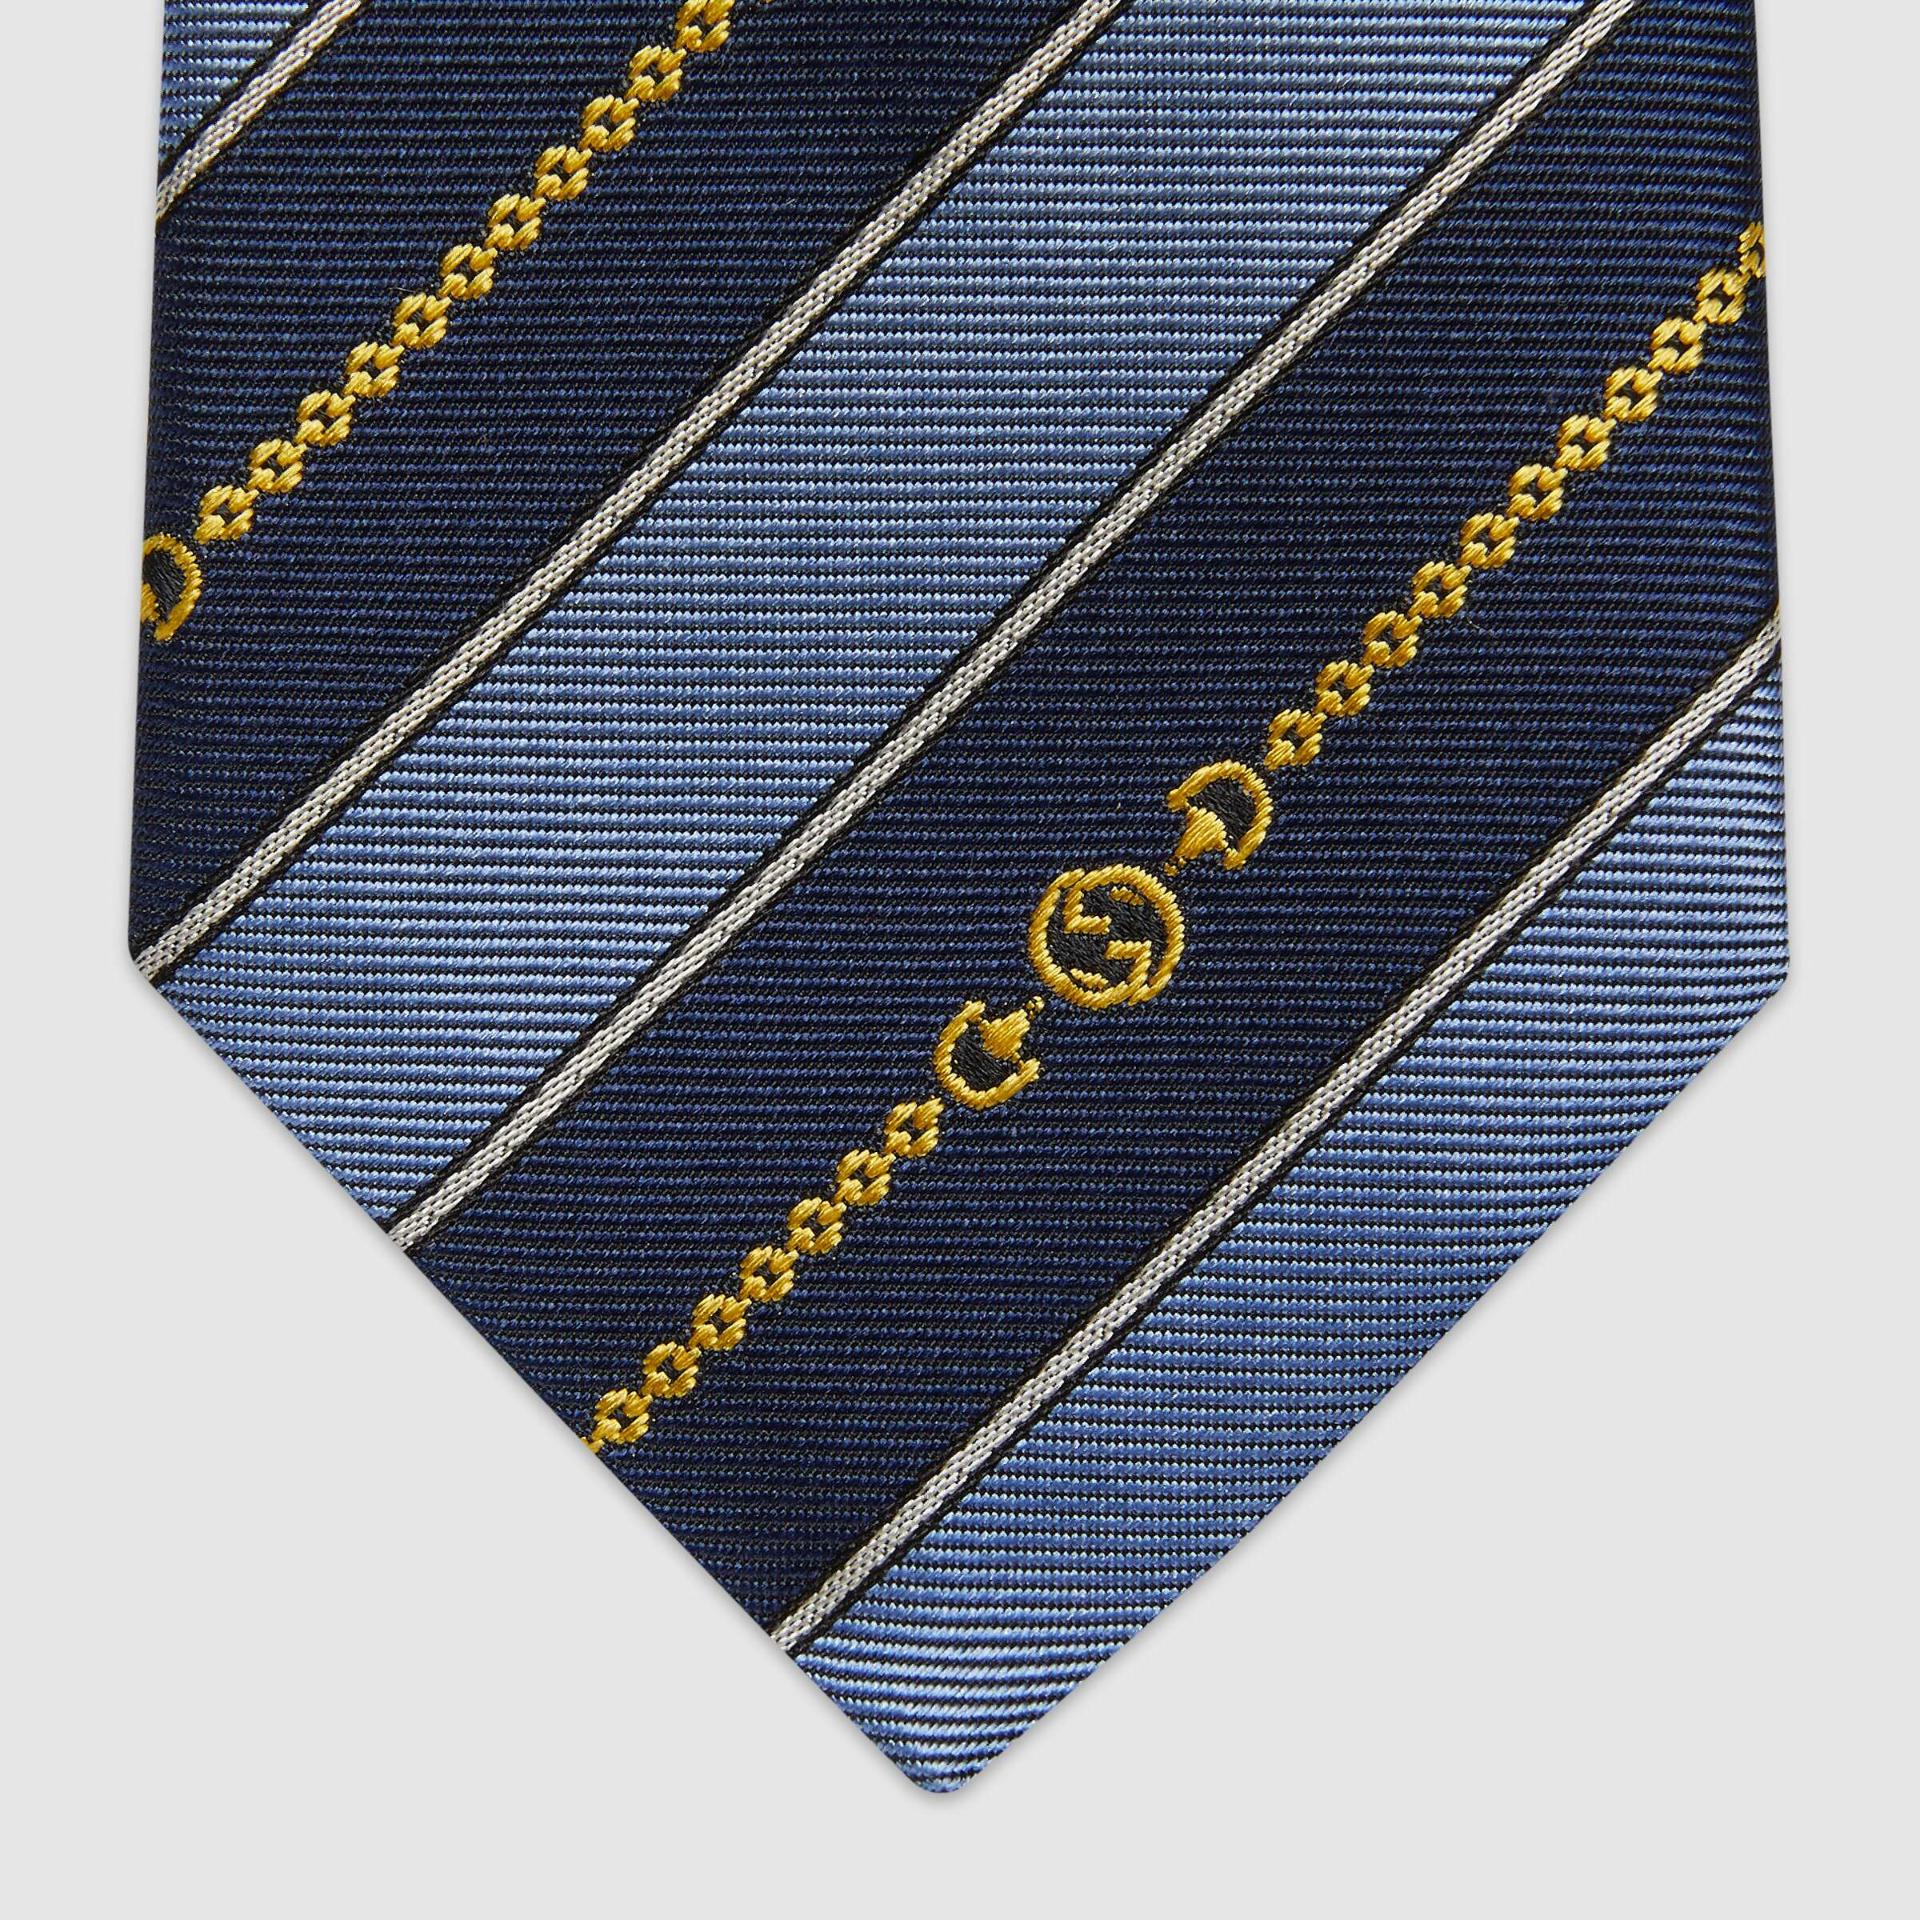 유럽직배송 구찌 GUCCI Gucci Interlocking G chain jacquard silk tie 6439294E0024868